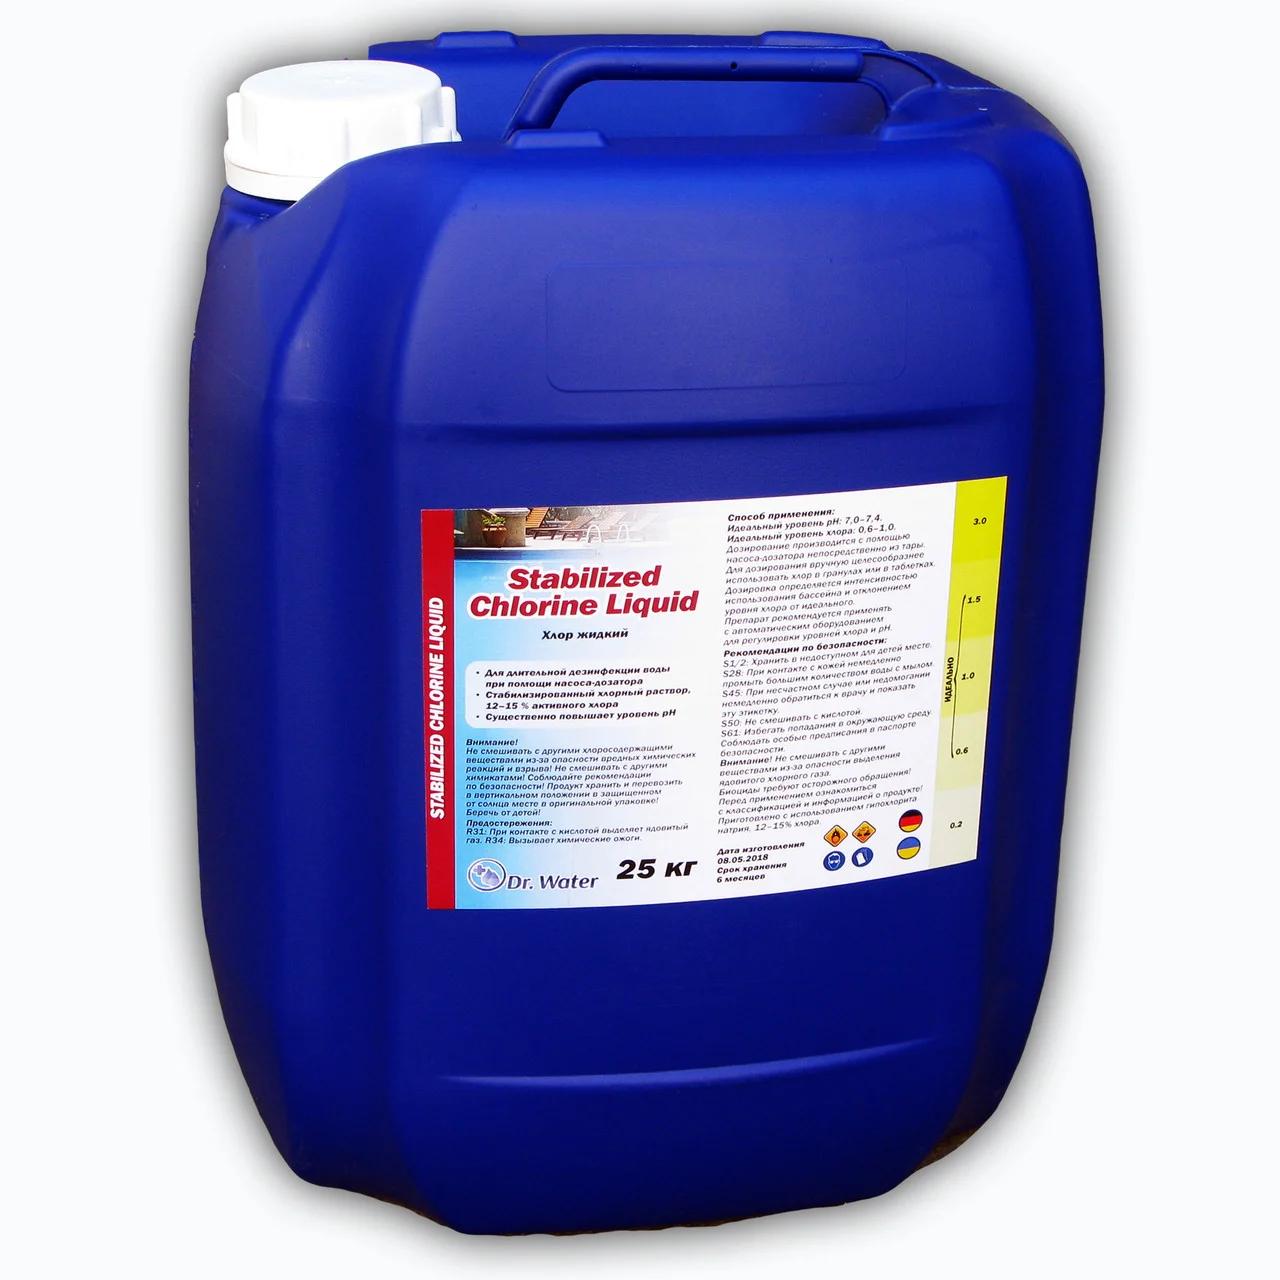 Гипохлорит натрия 25 кг Dr. Water  Средство для дезинфекции моющее на основе жидкого хлора